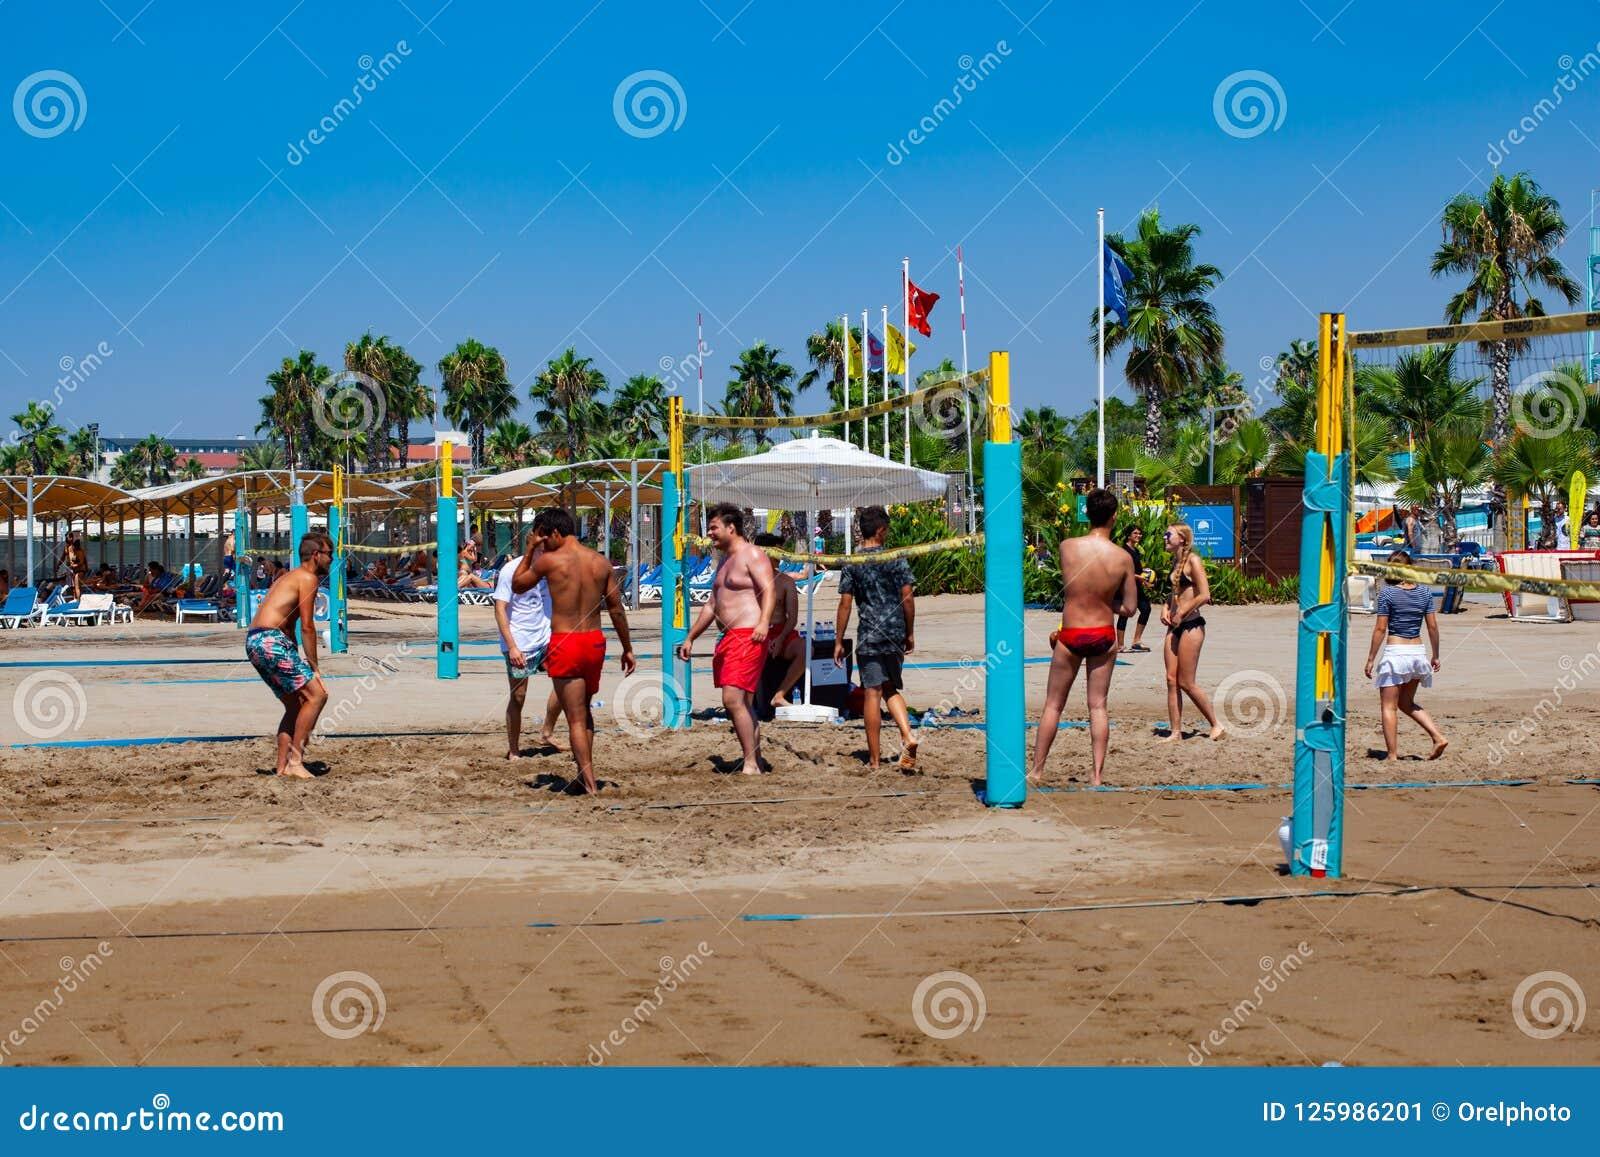 Gruppe Freunde, die Strandsalve spielen